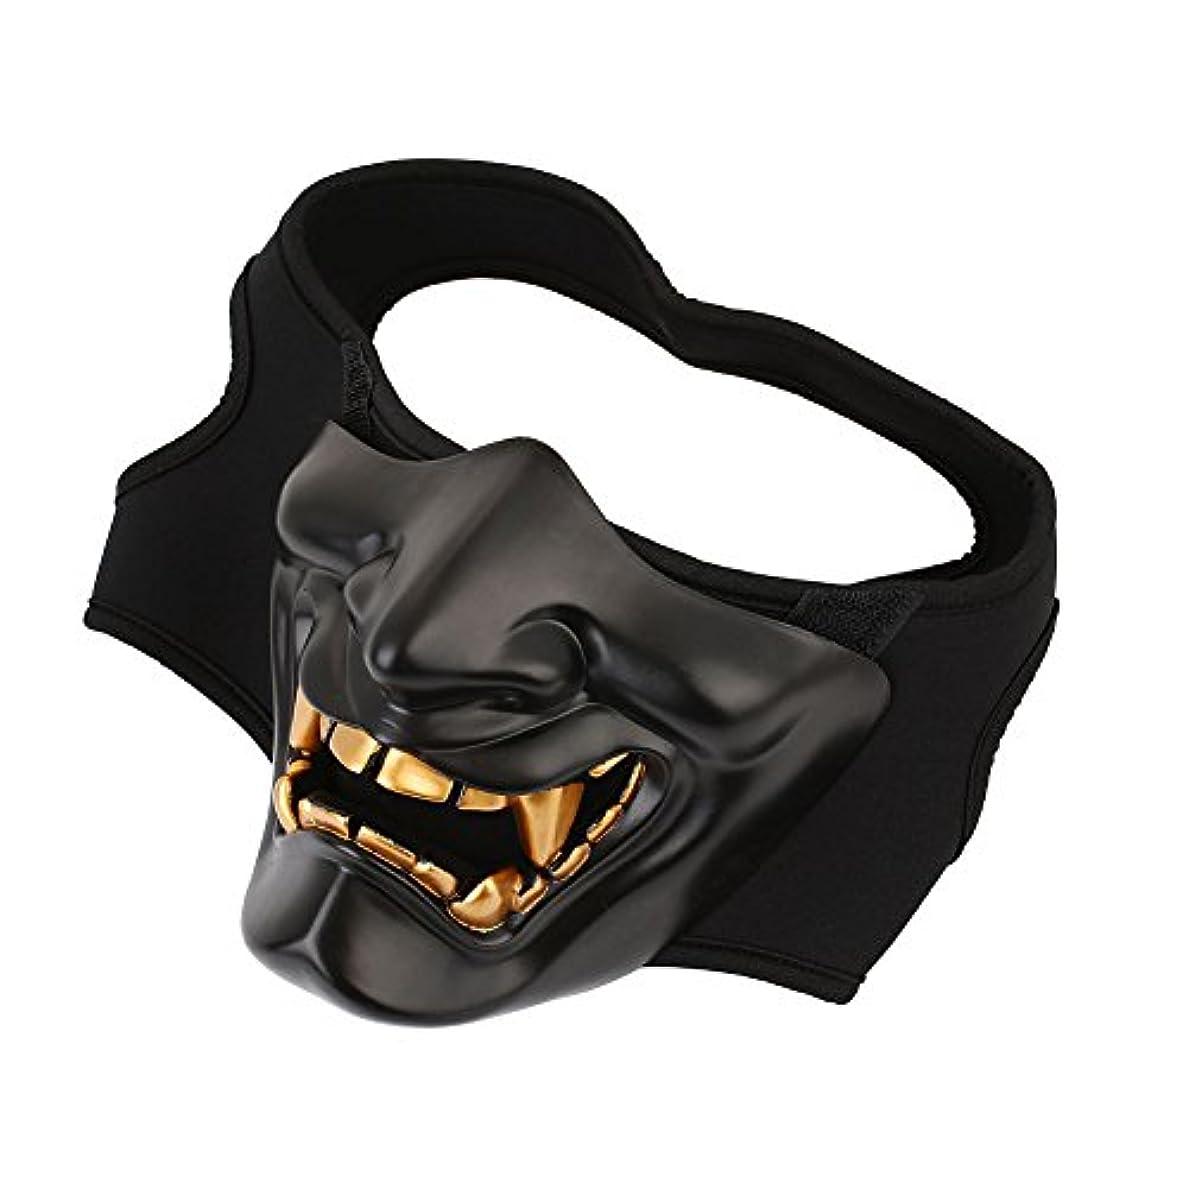 精緻化プレート腐敗Auntwhale ハロウィーンマスク大人恐怖コスチューム、悪魔ファンシーマスカレードパーティーハロウィンマスク、フェスティバル通気性ギフトヘッドマスク - ブラック